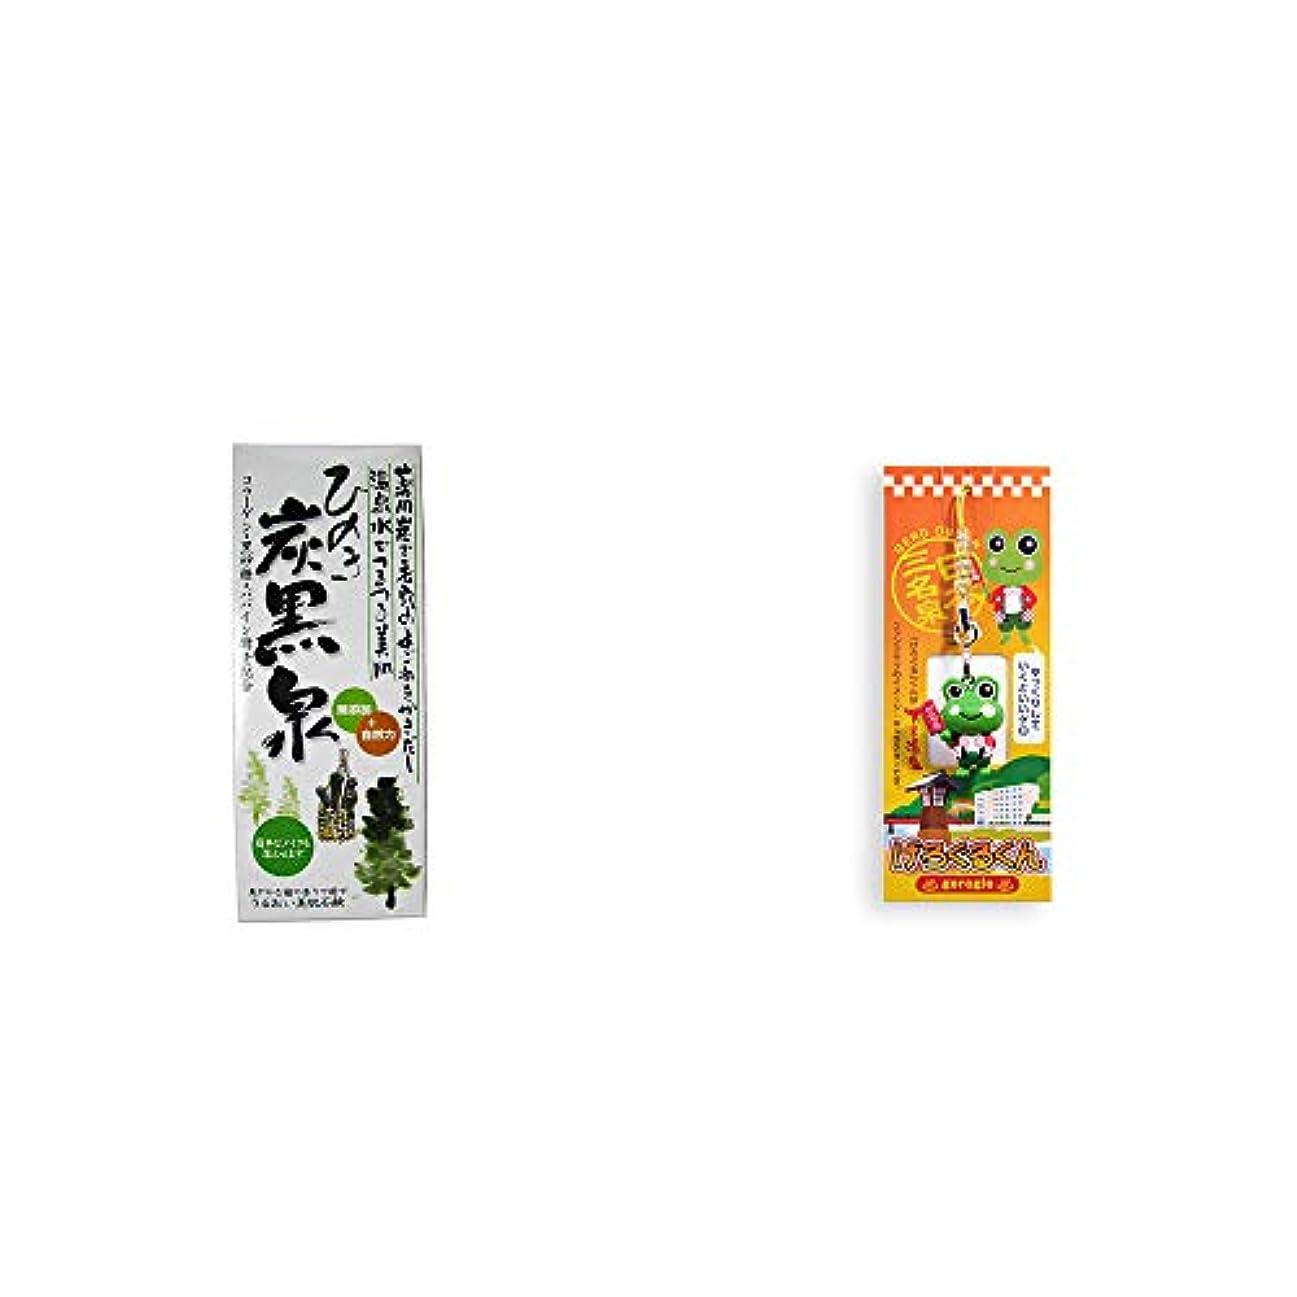 スキニーセーブお金[2点セット] ひのき炭黒泉 箱入り(75g×3)?下呂温泉ファンクラブのイメージキャラクター げろぐるくんストラップ